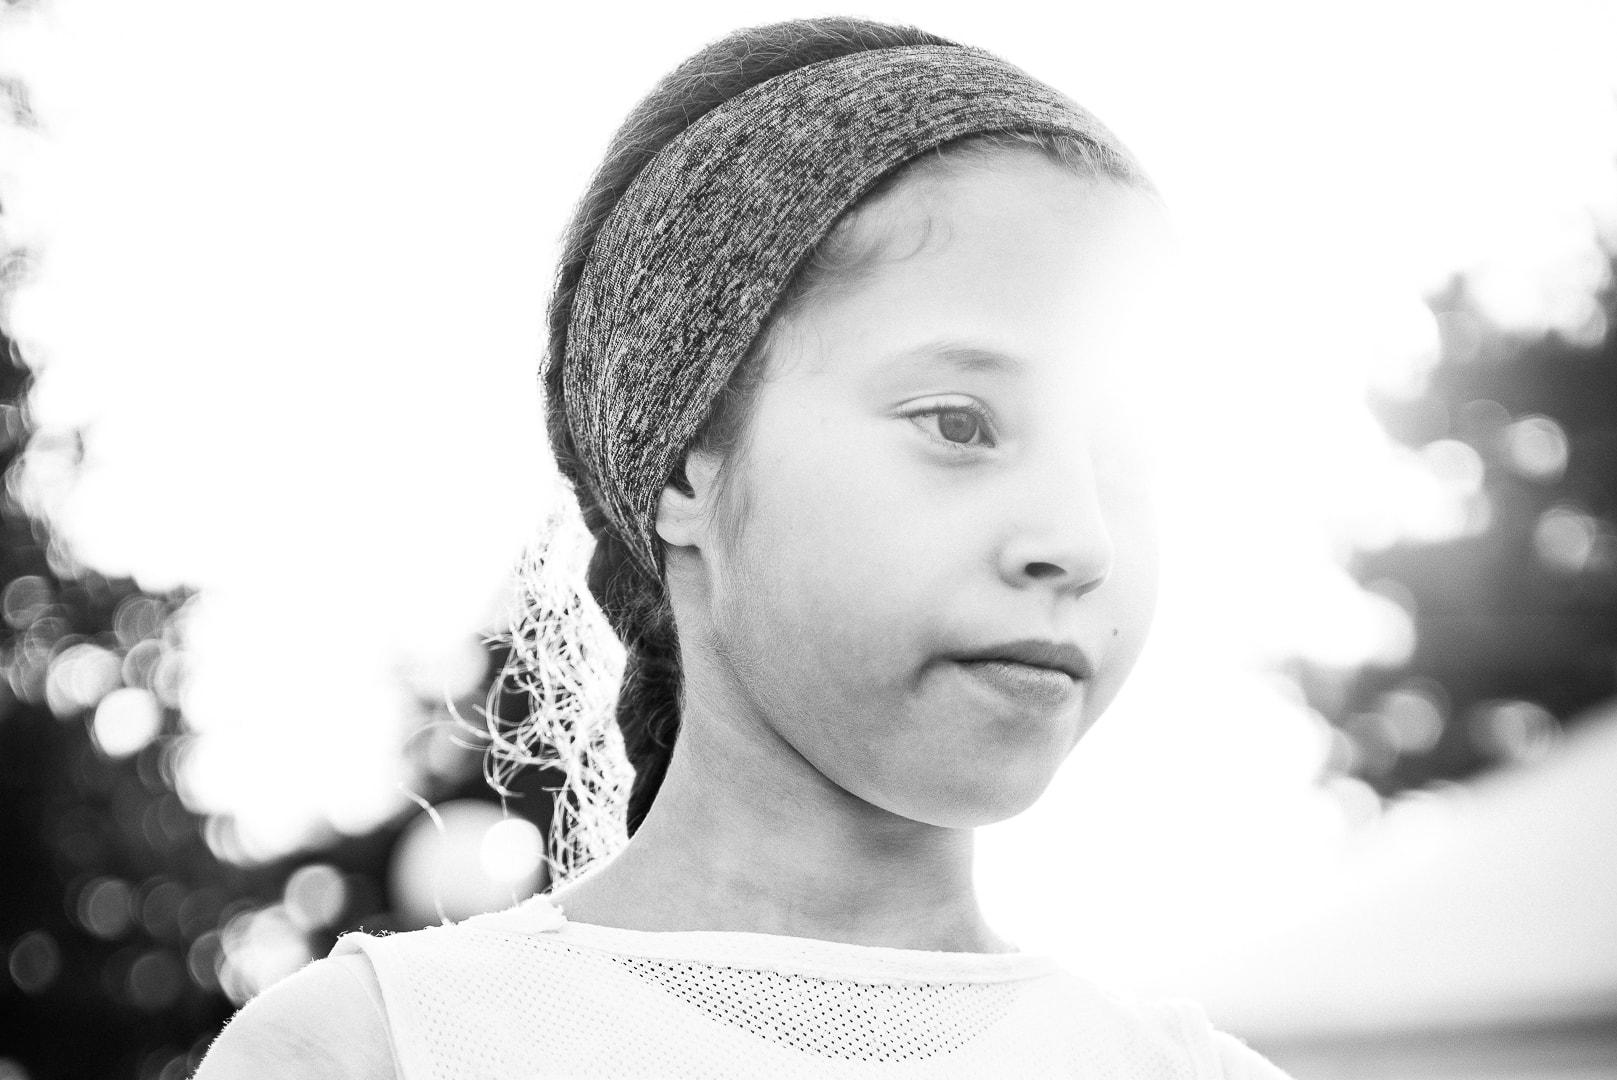 trezors-photography-photographe-professionnel-toulouse-31-portrait-lifestyle (21)